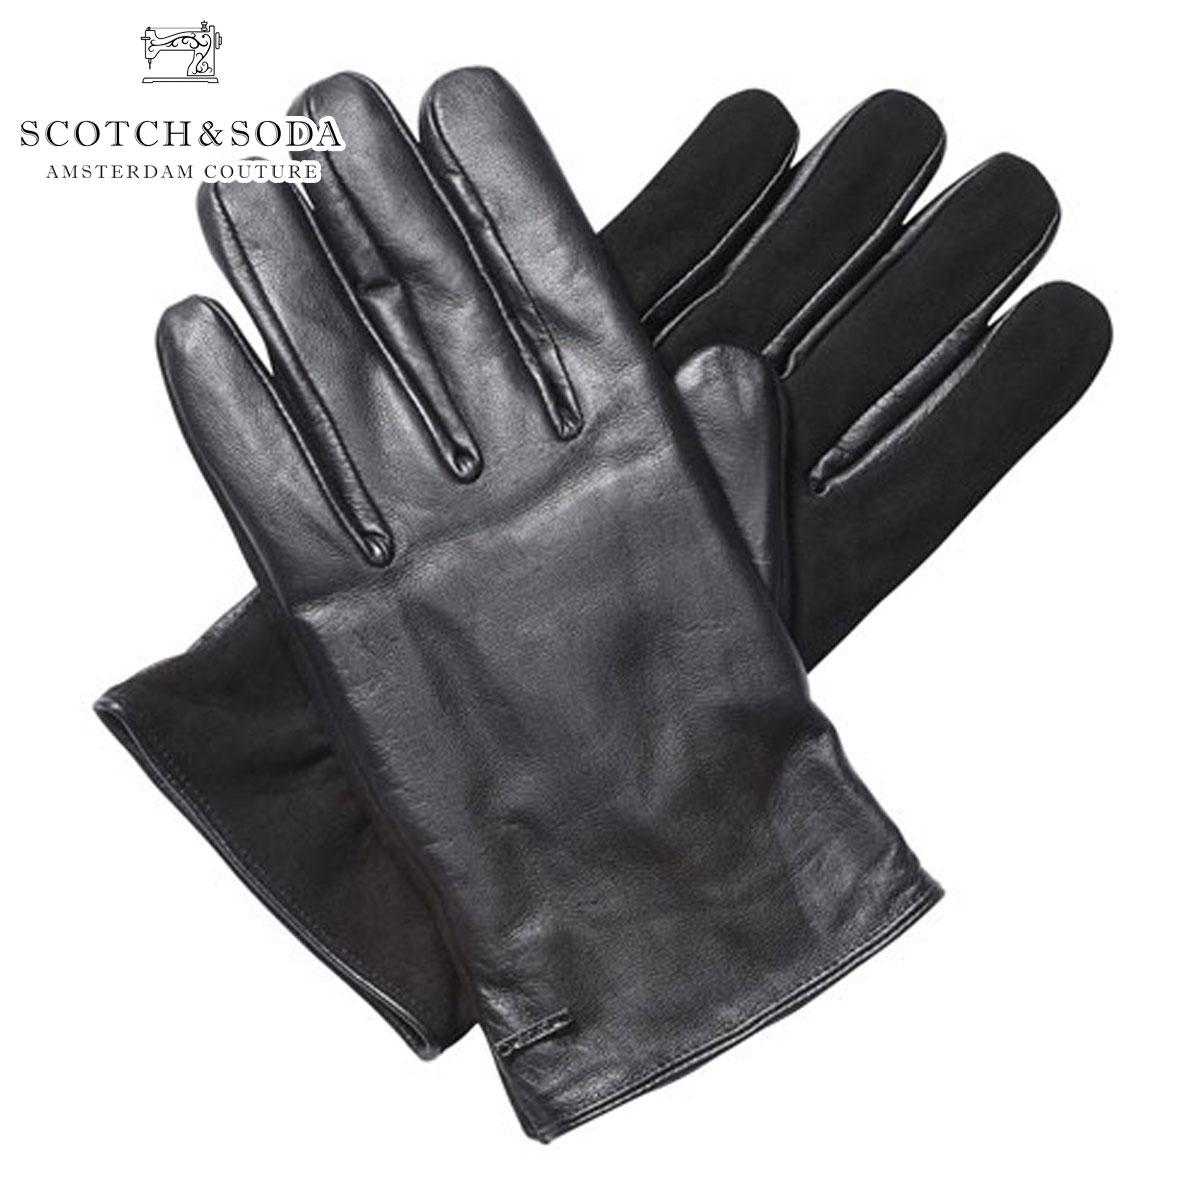 【ポイント10倍 12/4 20:00~12/11 01:59まで】 スコッチアンドソーダ 手袋 メンズ 正規販売店 SCOTCH&SODA グローブ Gloves in suede and leather quality 79181 90